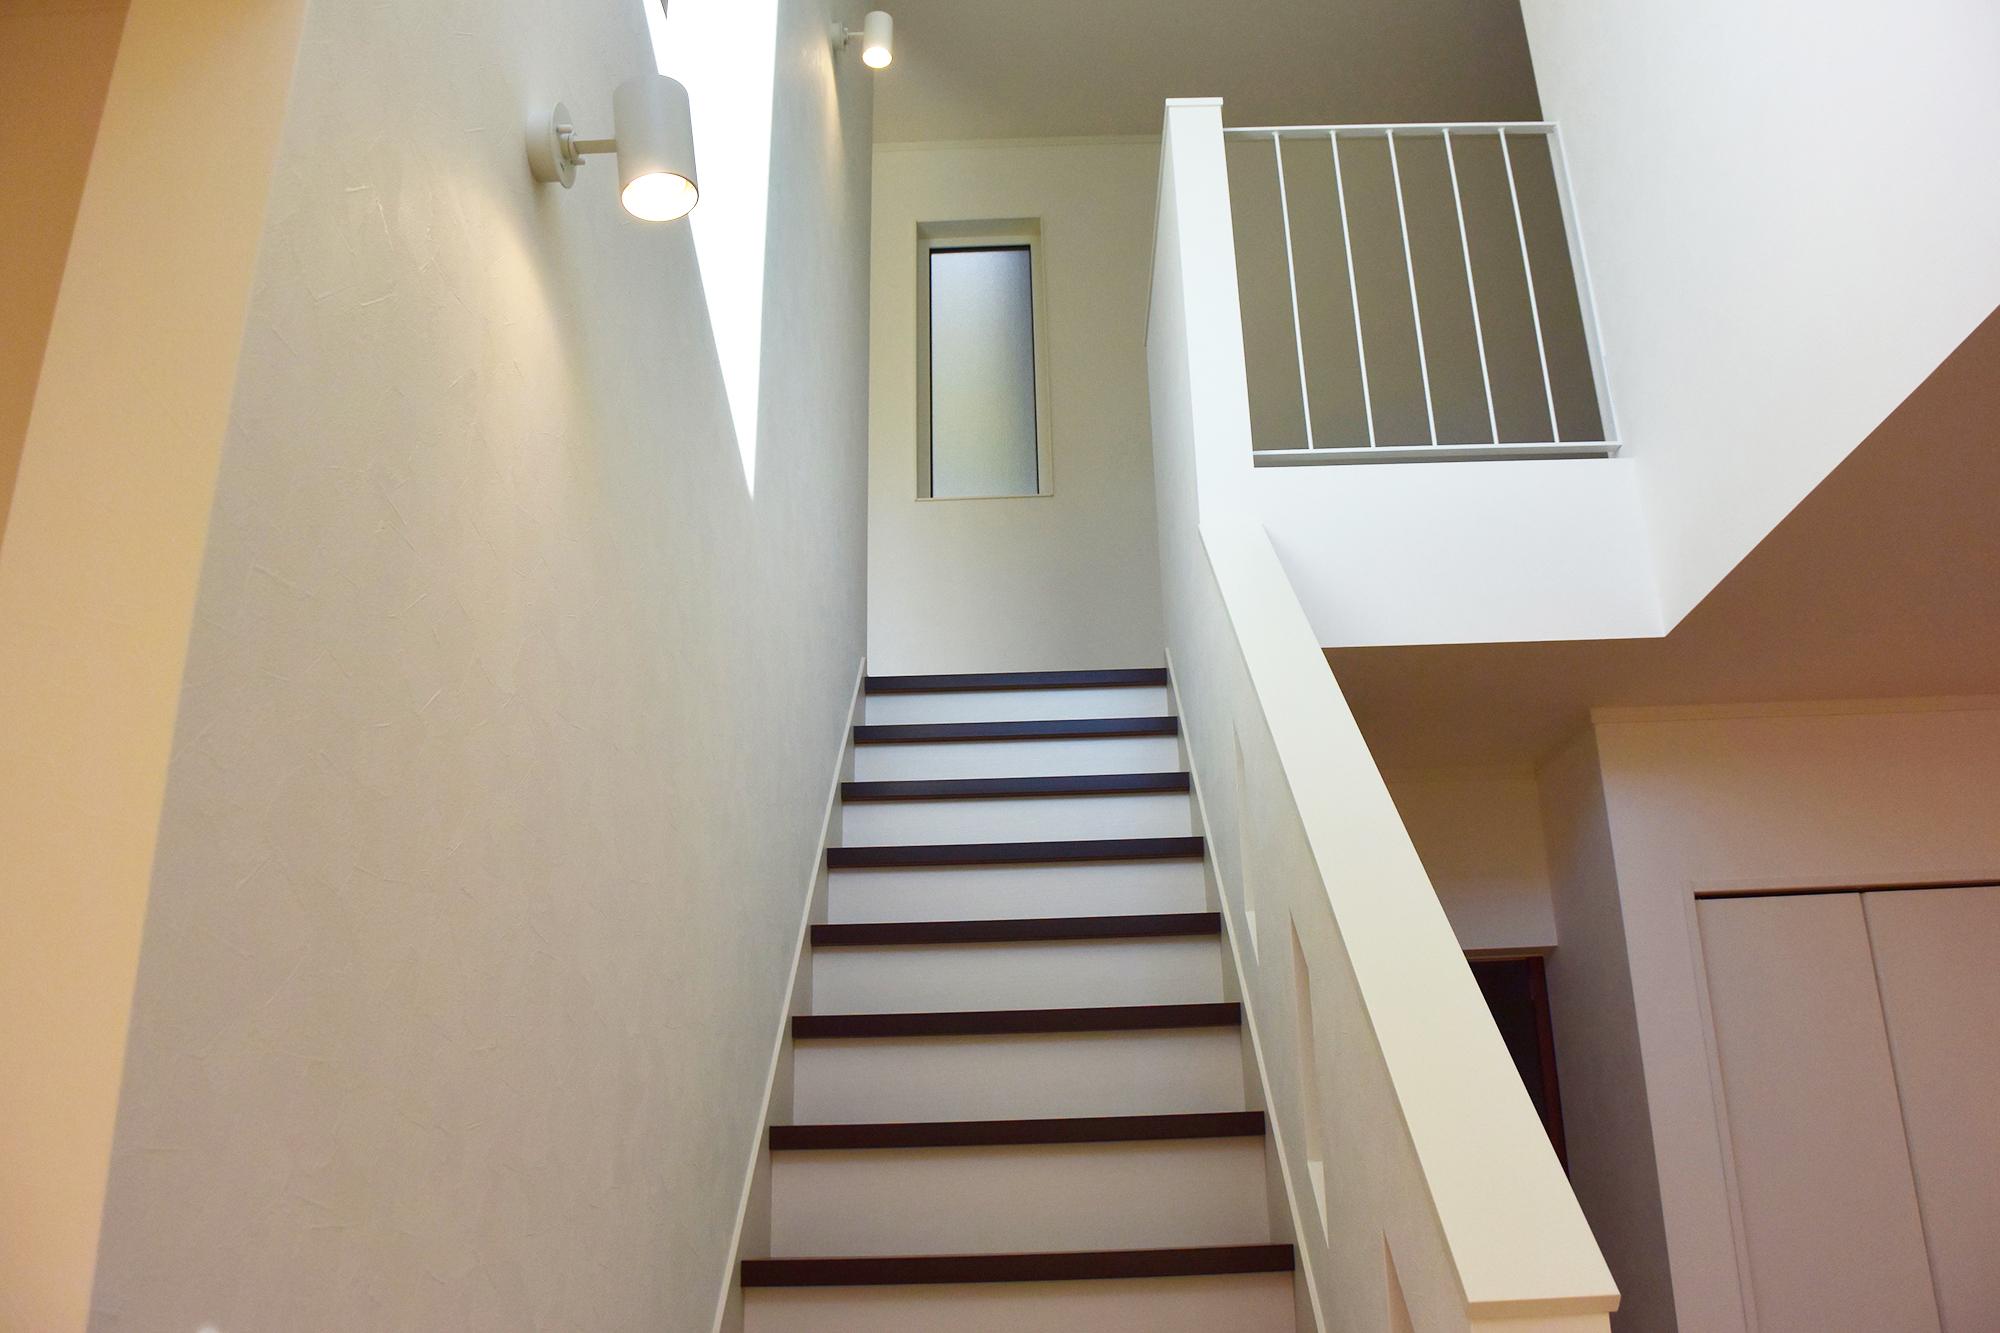 開放的な吹き抜けをオシャレな階段で上がっていきます。